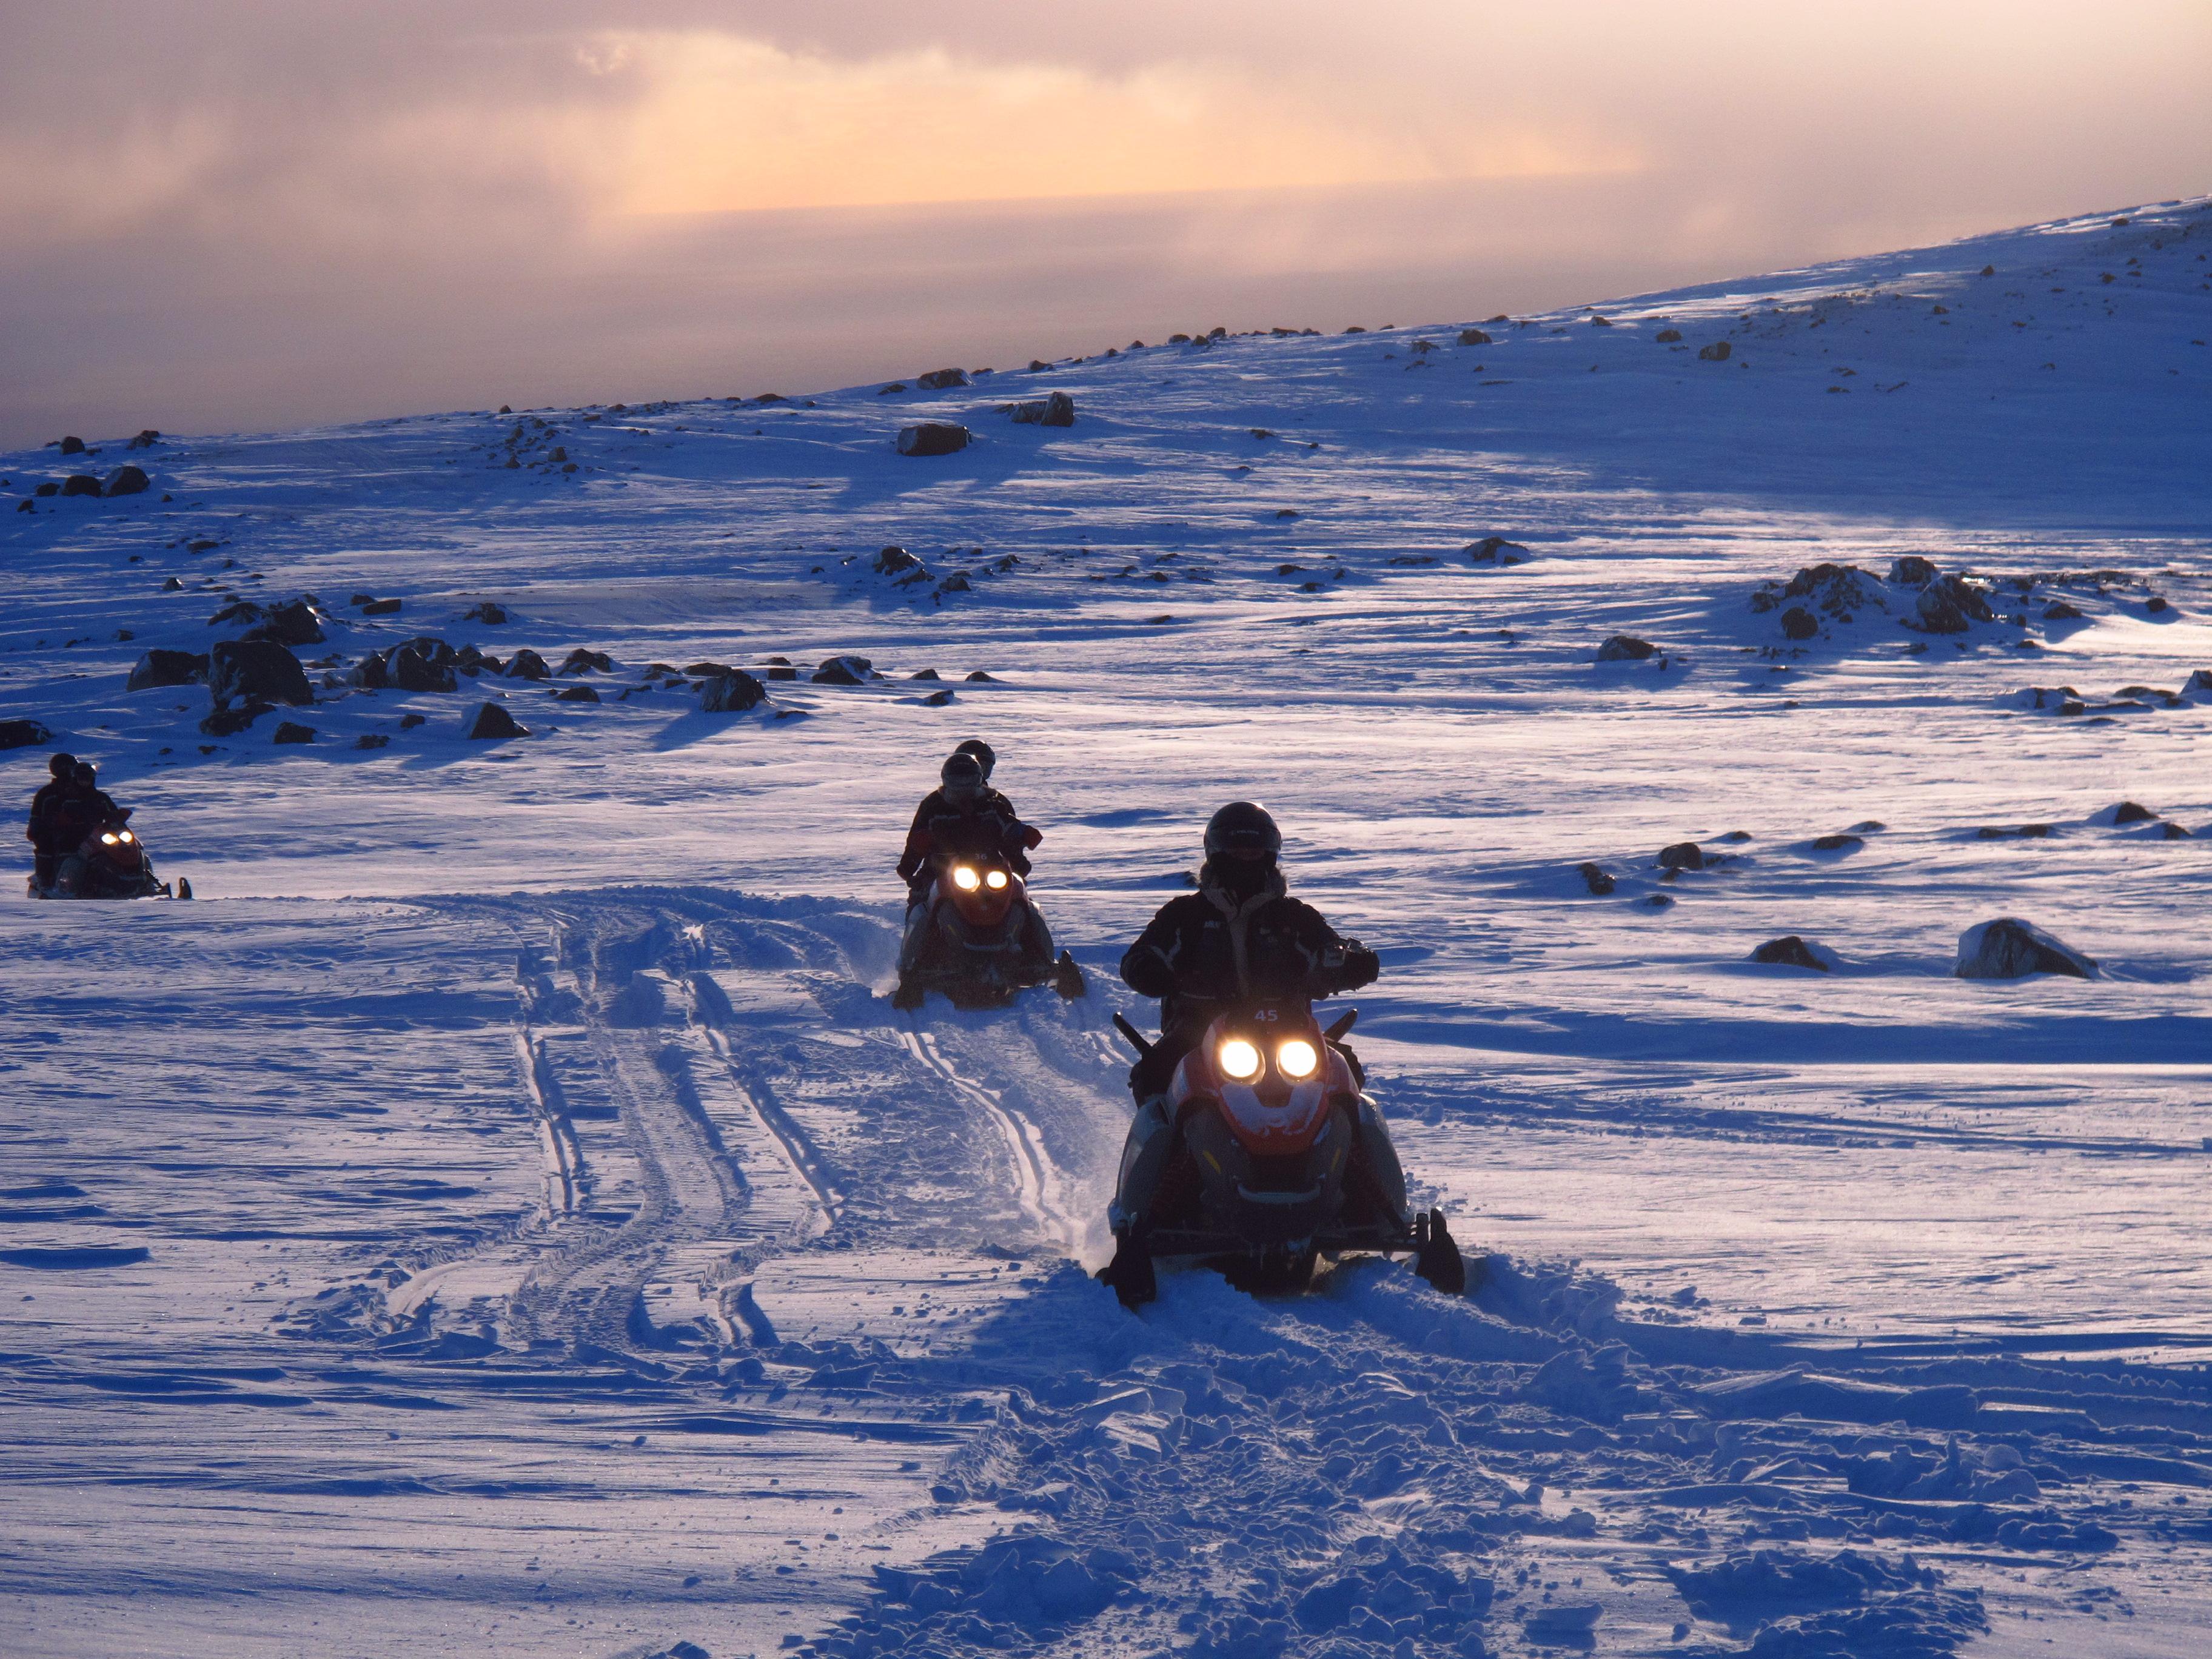 Fra din plassering på snøskuteren har du panoramautsikt over Mýrdalsjökull-breen.